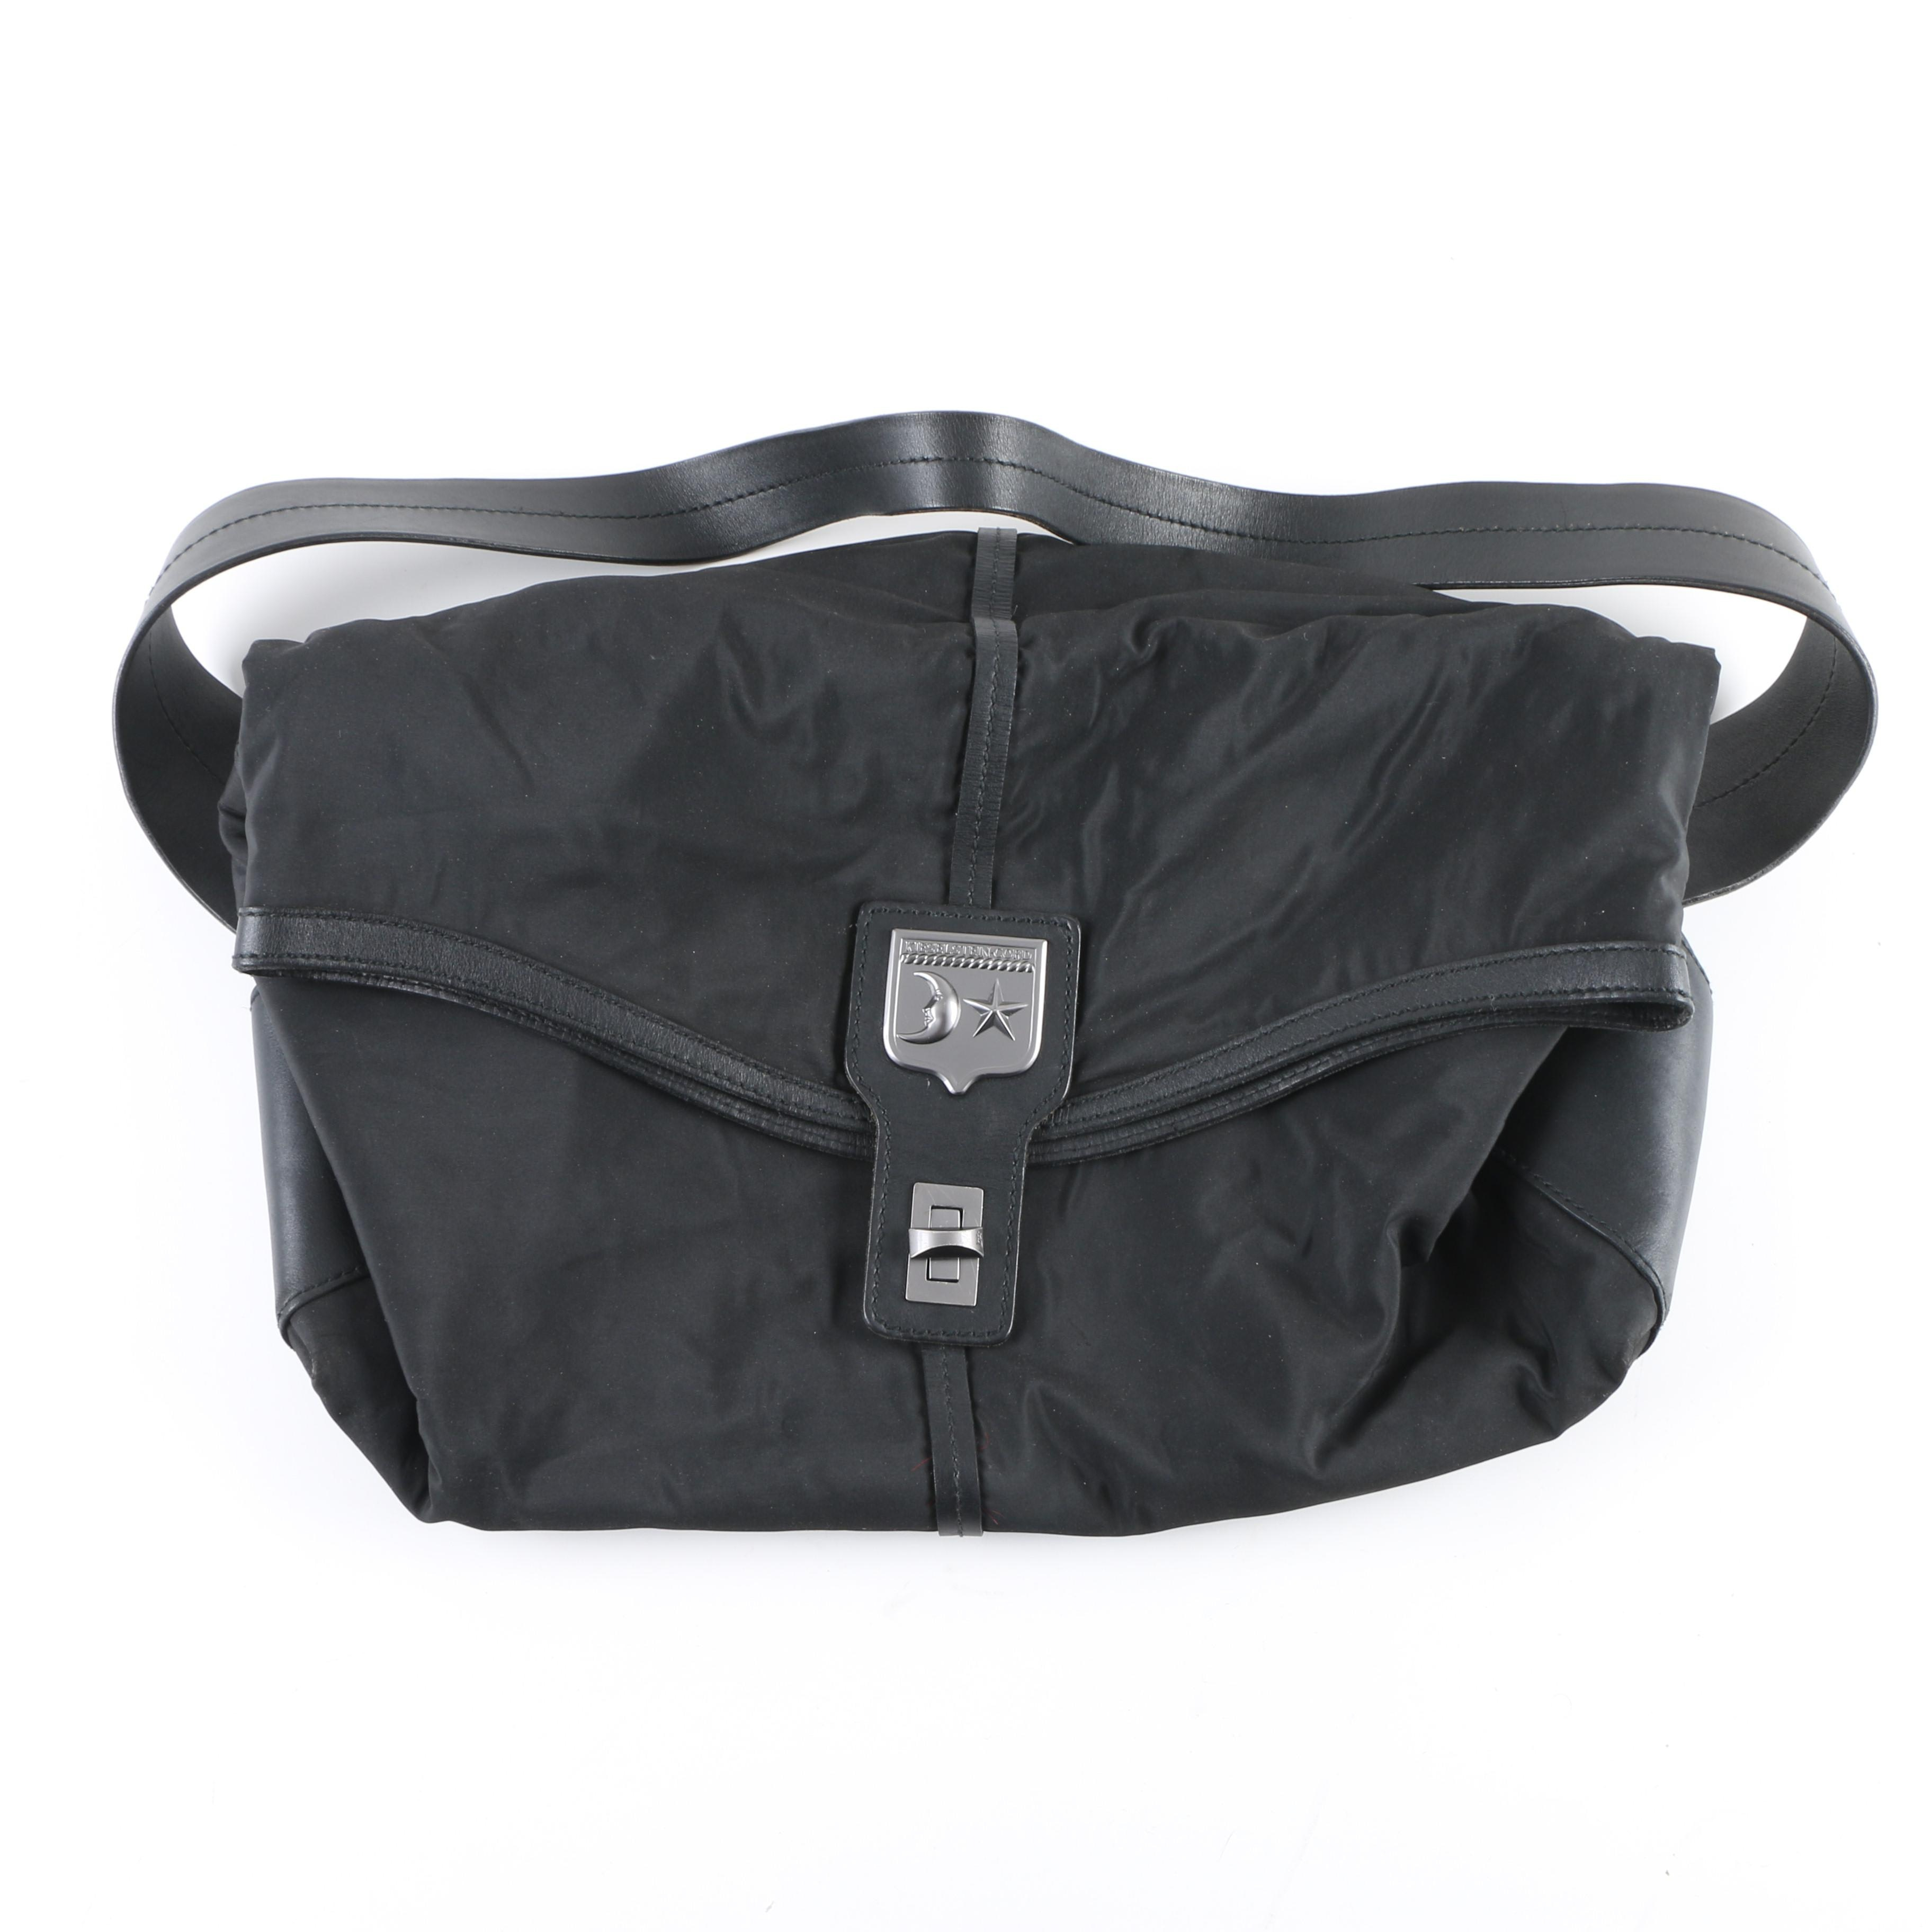 Barry Kisselstein-Cord Black Nylon Messenger Bag